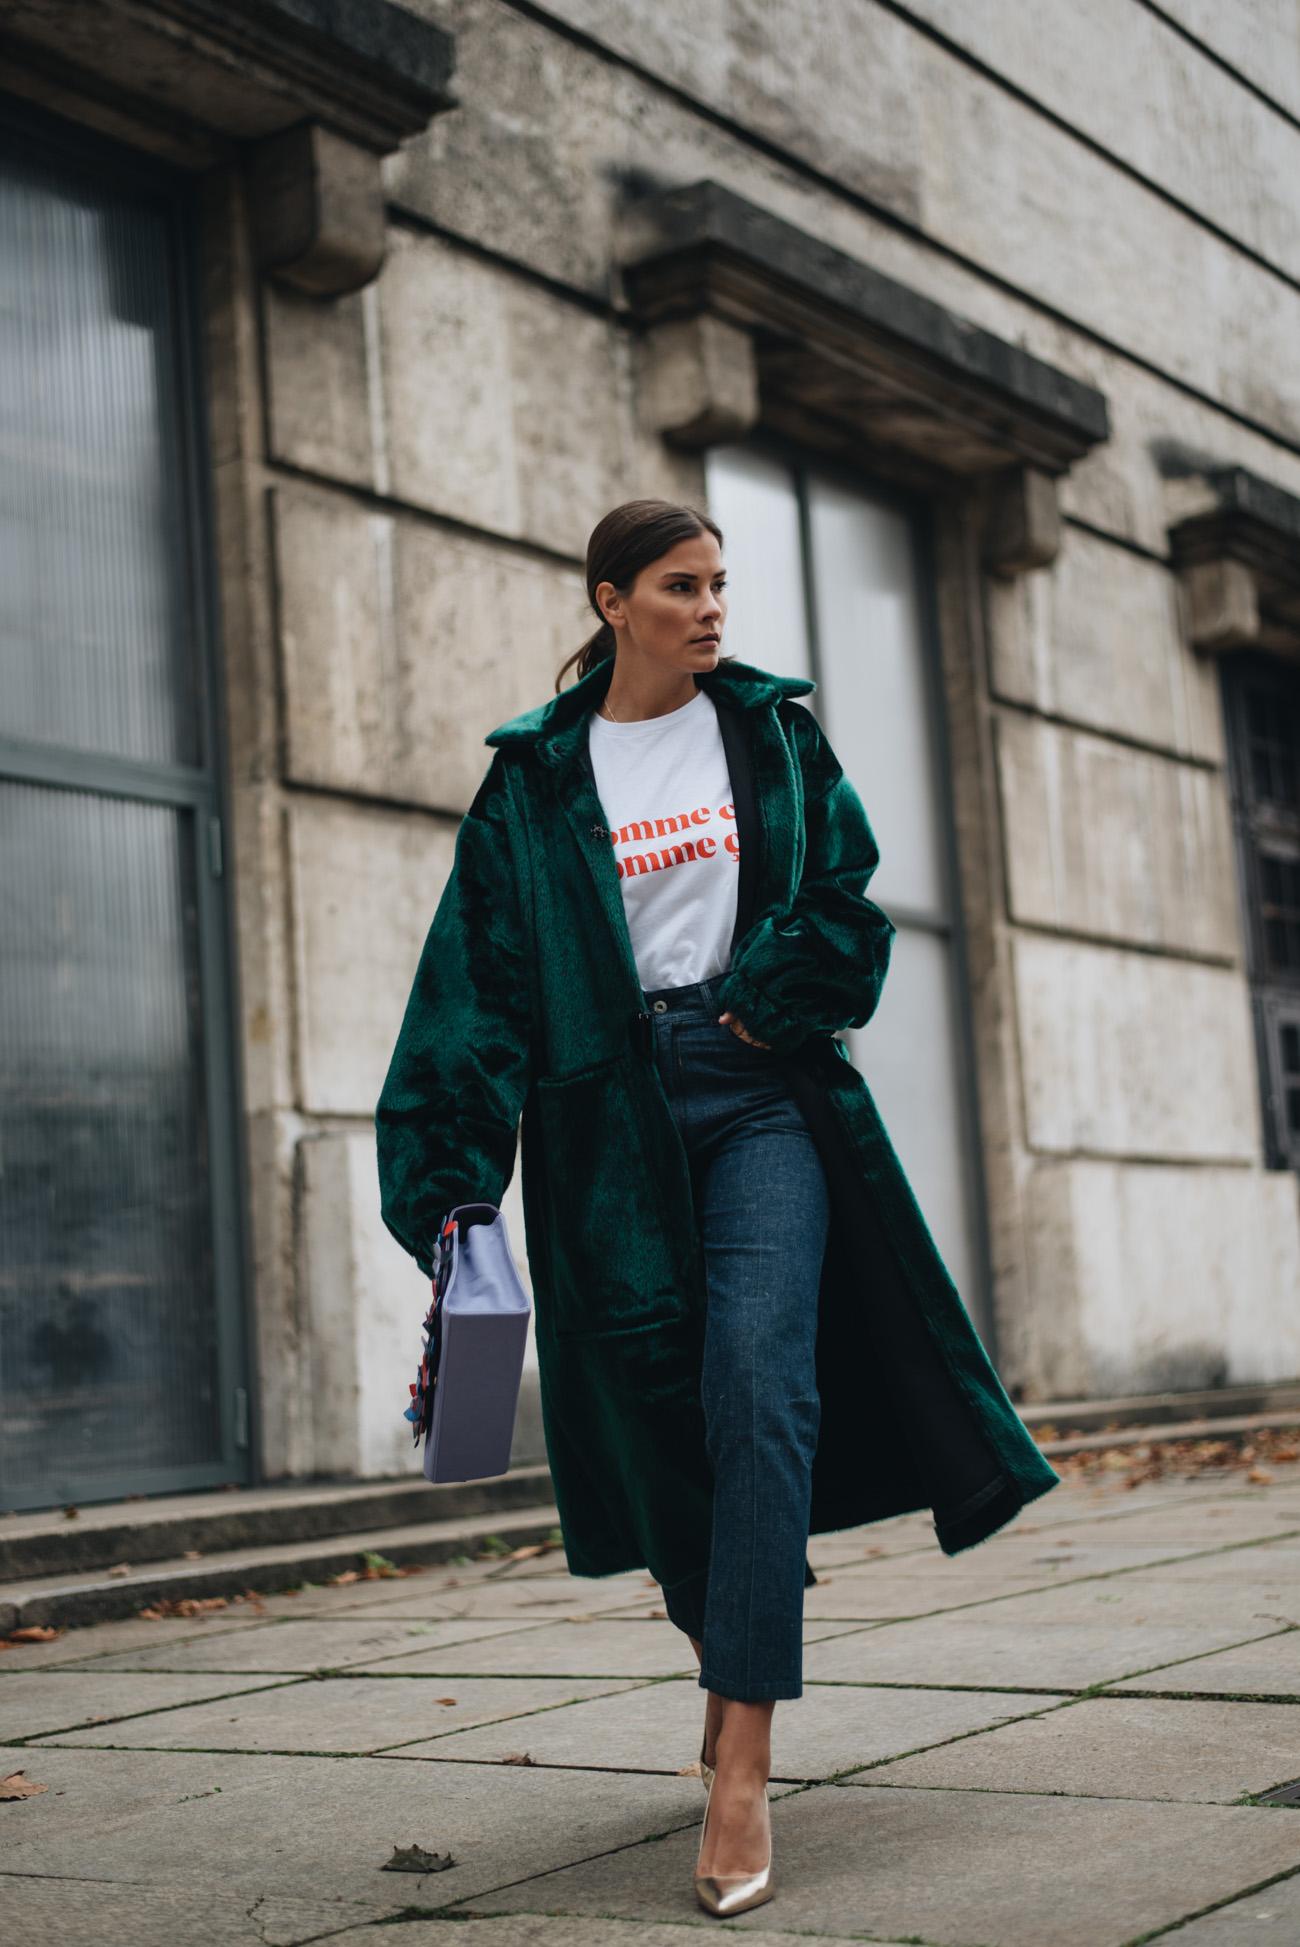 styling-tipps-oversize-mäntel-fake-fur-mantel-pony-hair-Nina-Schwichtenberg-mode-bloggerin-fashion-lifestyle-deutschland-münchen-fashiioncarpet